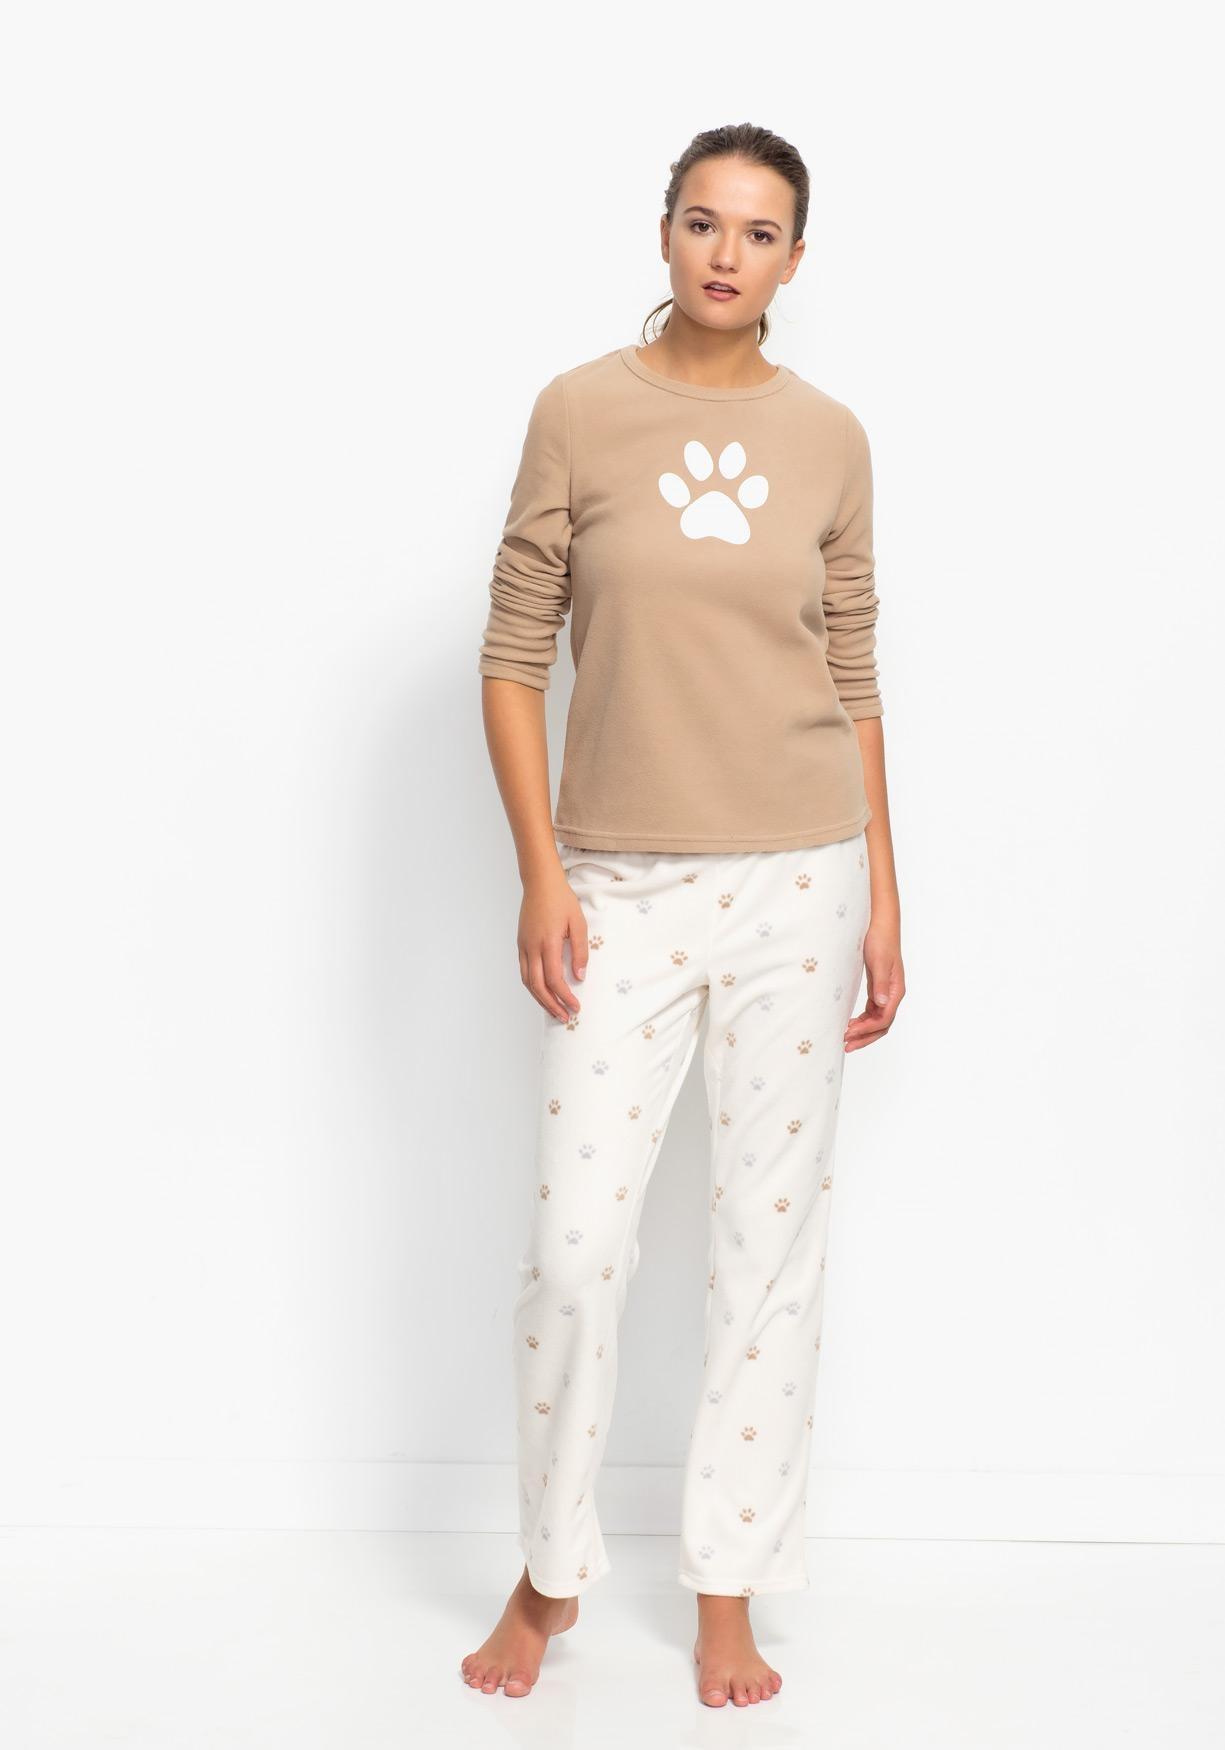 c78872021 Comprar Pijama largo polar TEX. ¡Aprovéchate de nuestros precios y ...